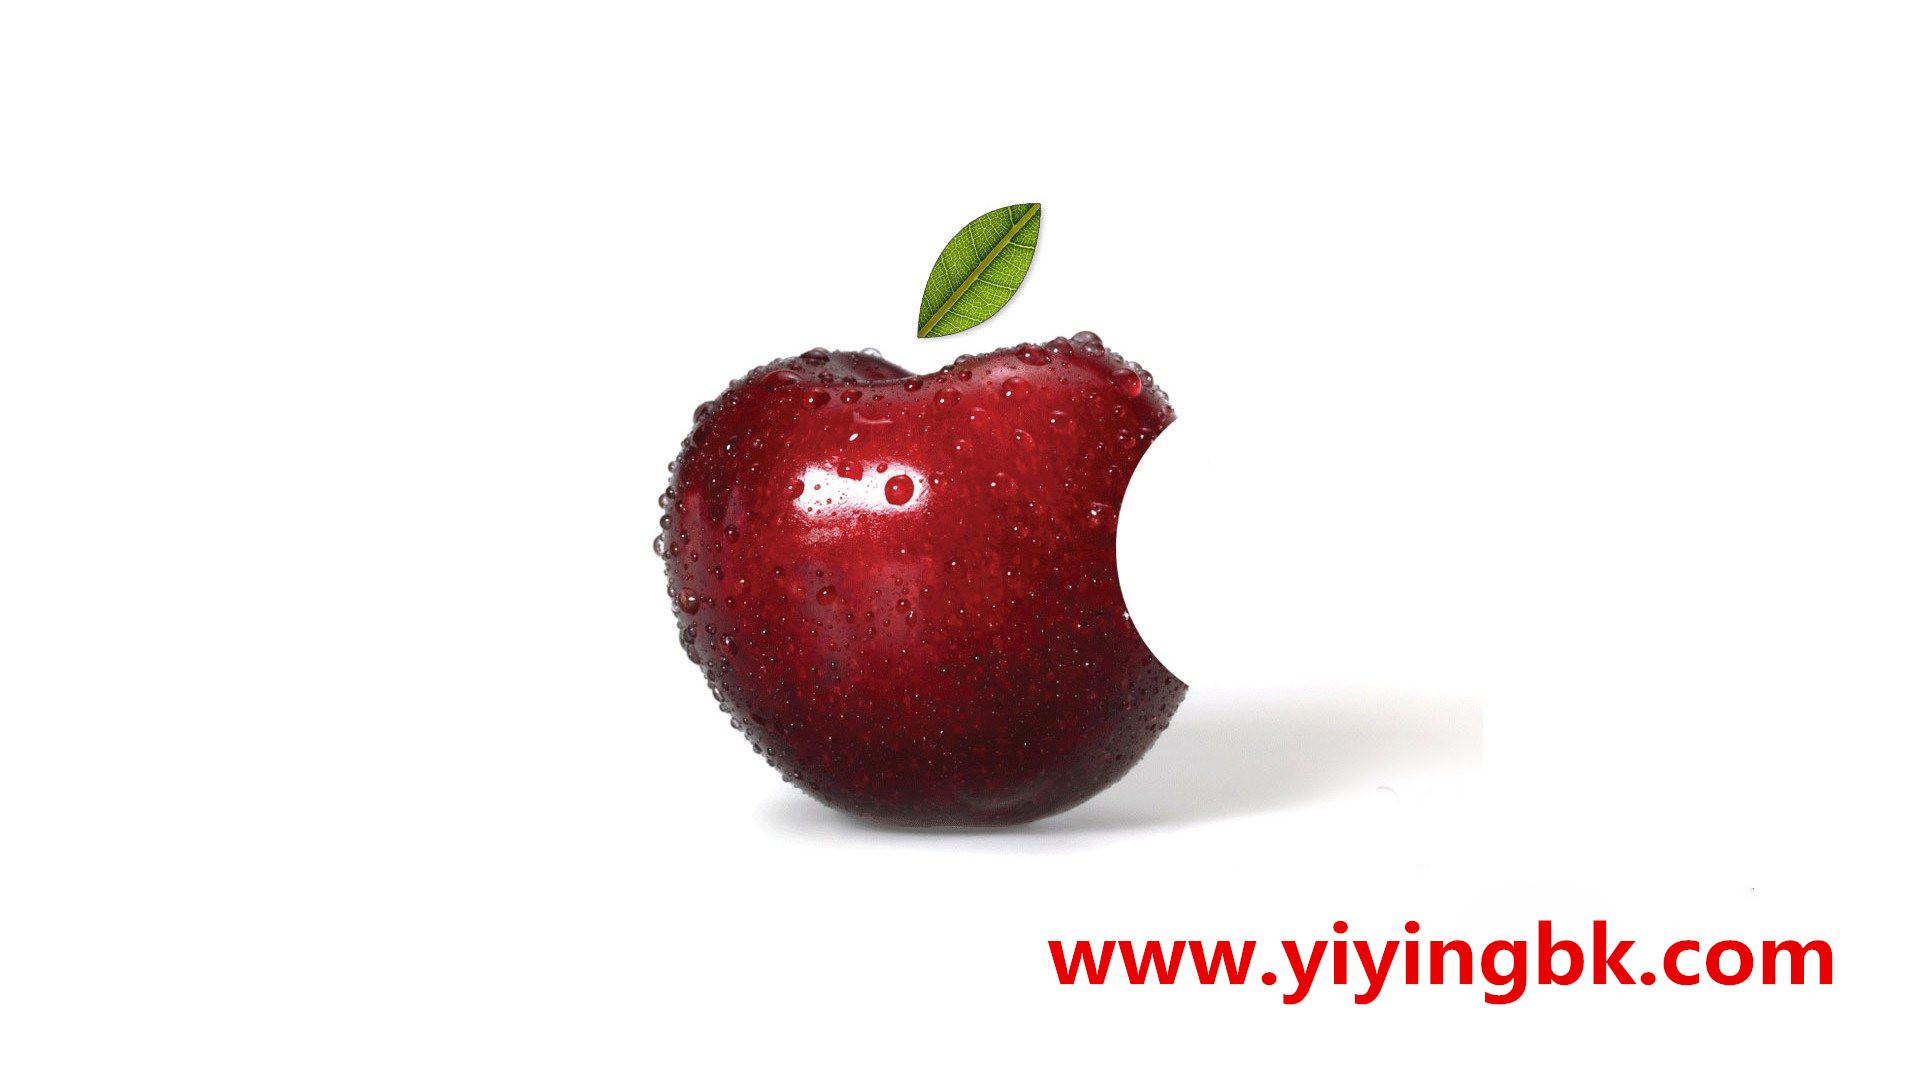 苹果公司CEO提姆库克微博发文,苹果将捐款协助防治冠状病毒肺炎